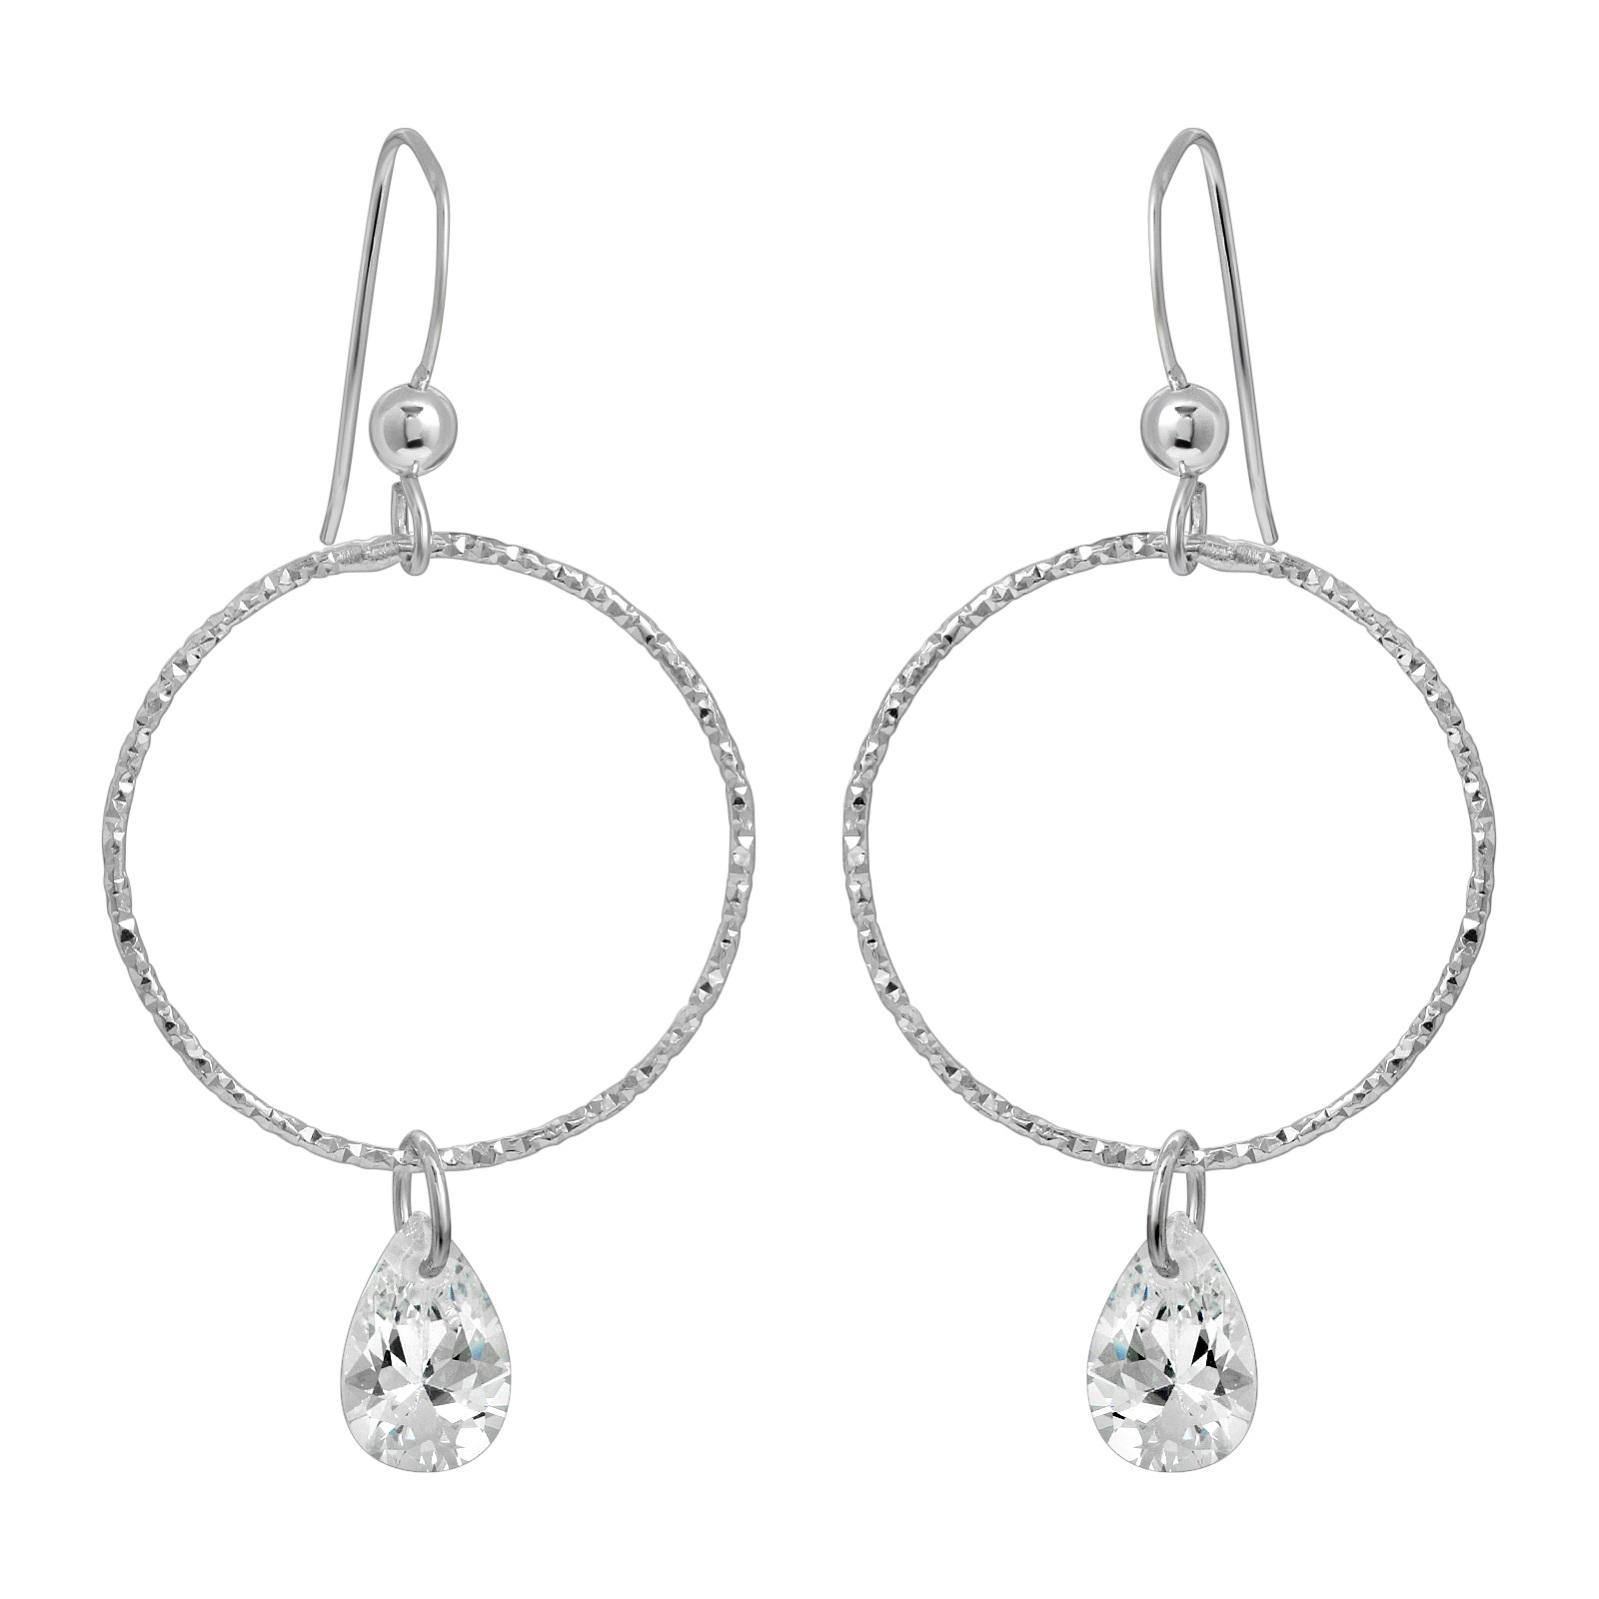 CZ Diamond Cut Hoops Earrings - Clear CZ